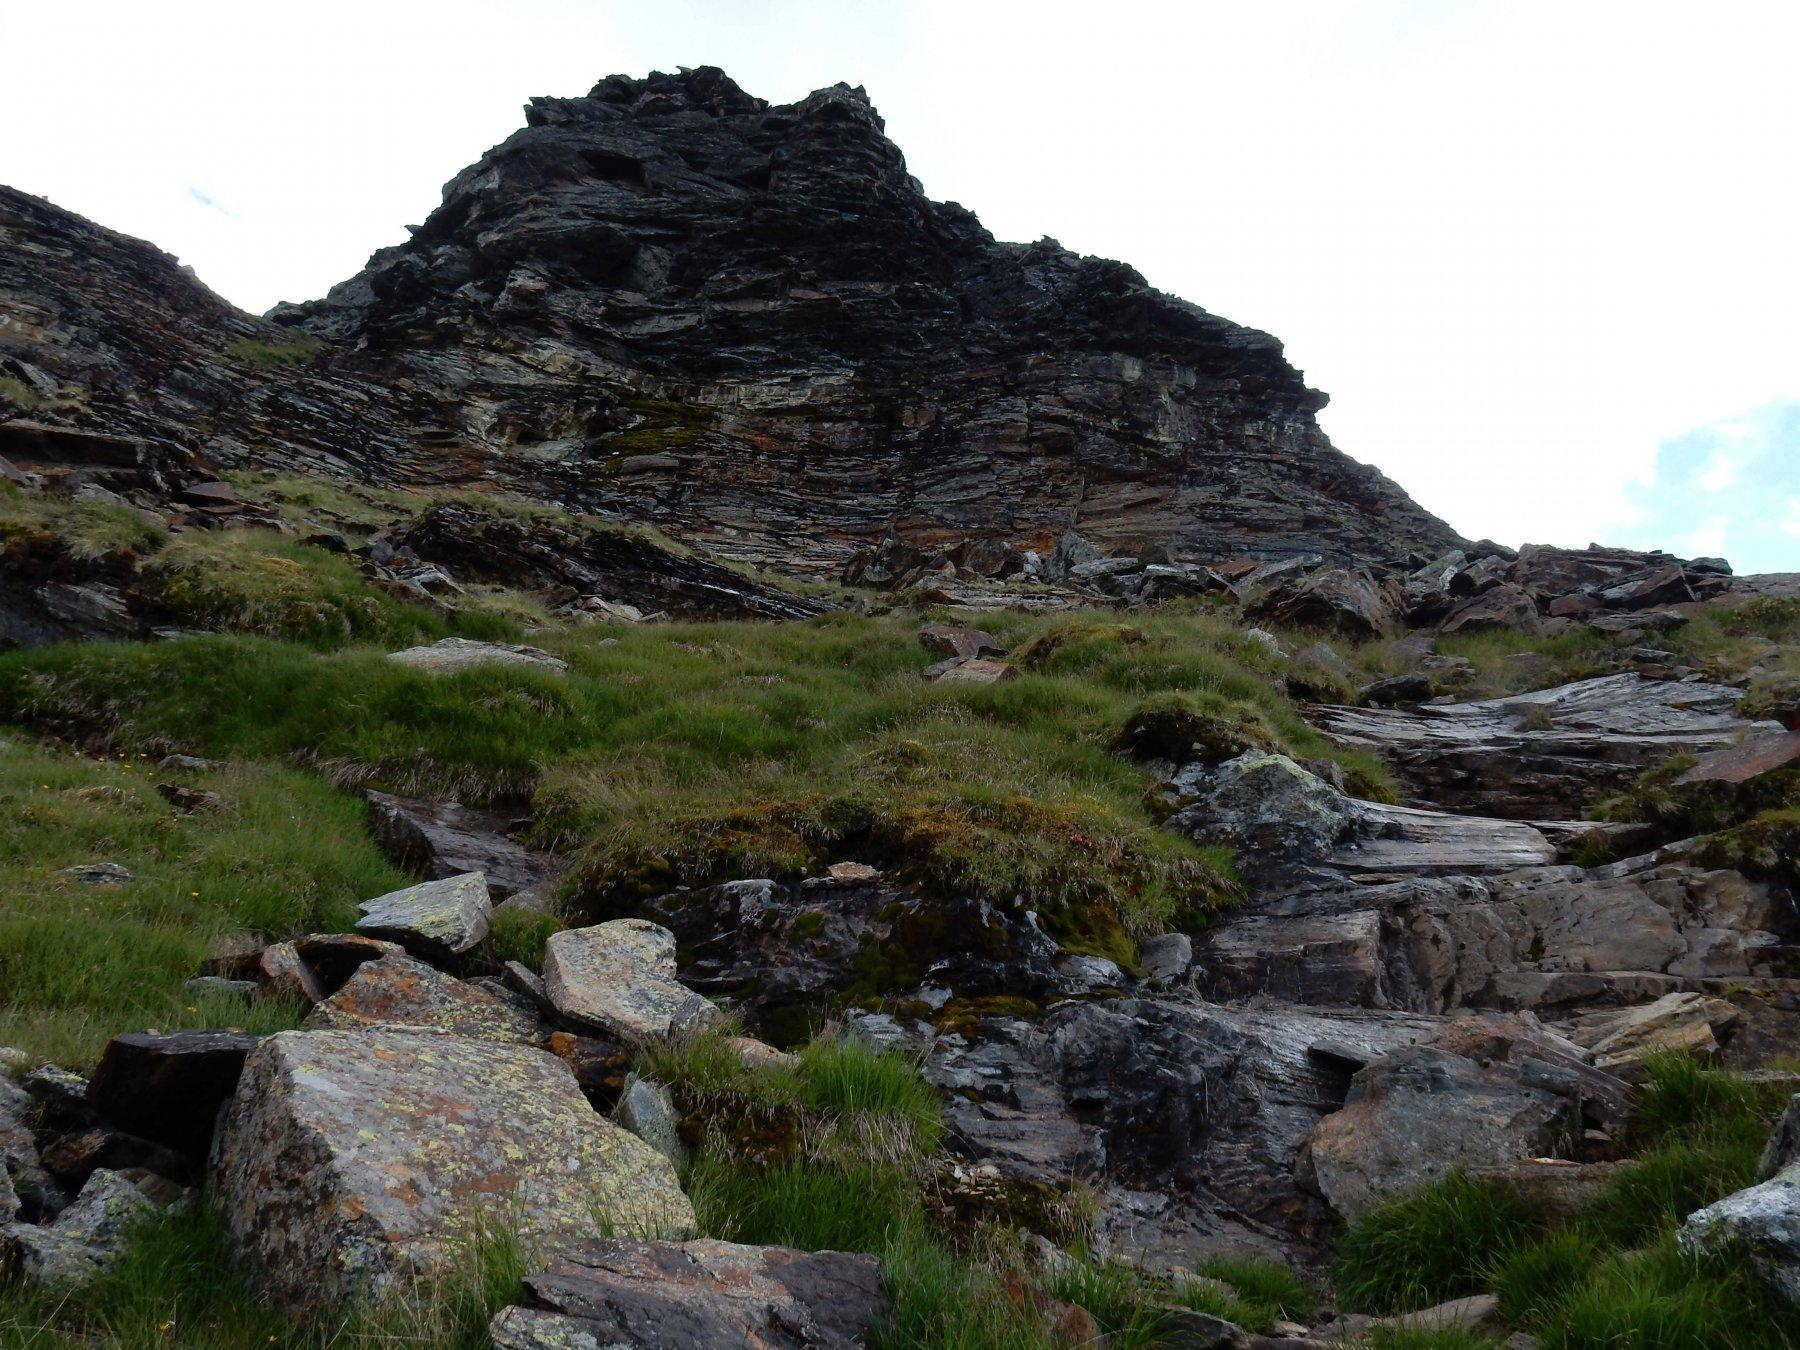 Un sentiero bollato di rosso porta sotto la bastionata rocciosa.